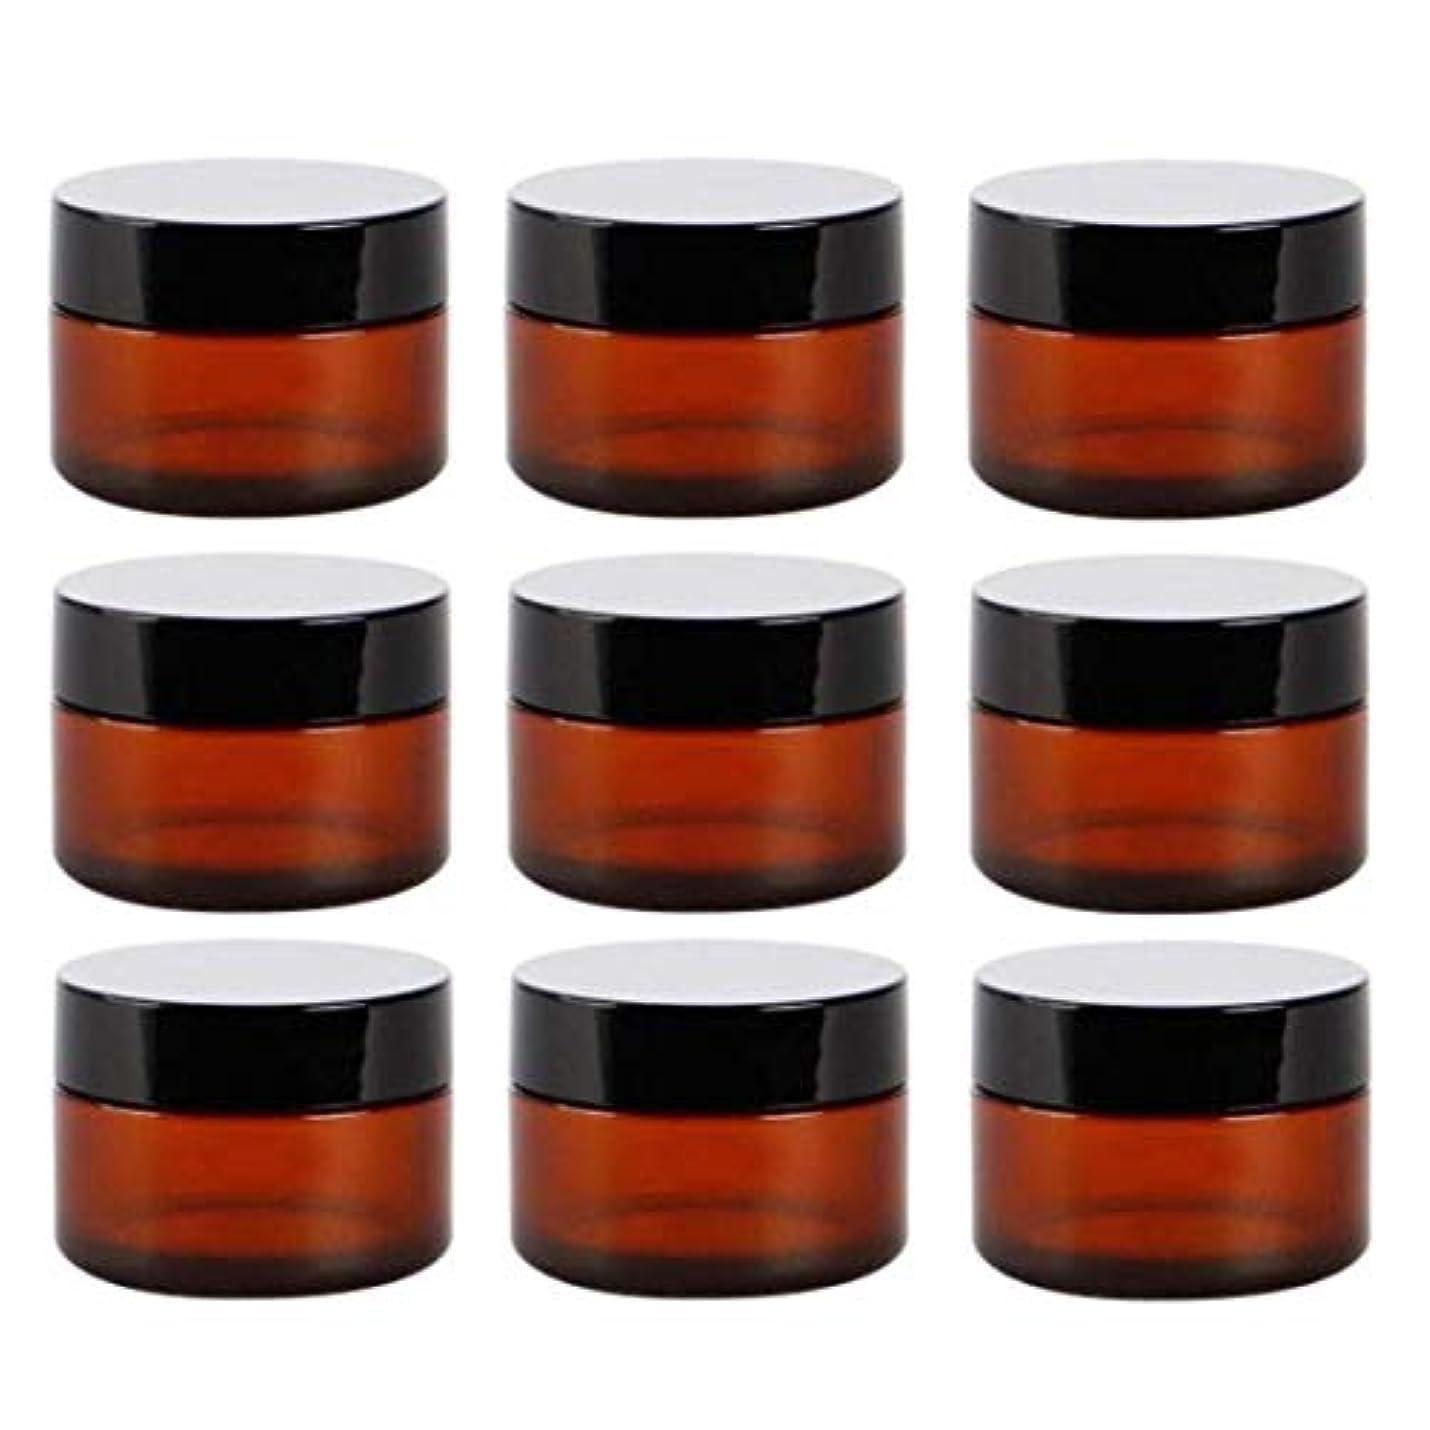 サバント不満つぶやきアロマオイル 精油 香水やアロマの保存 小分け用 遮光瓶 詰替え ガラス製 9本セット茶色10g